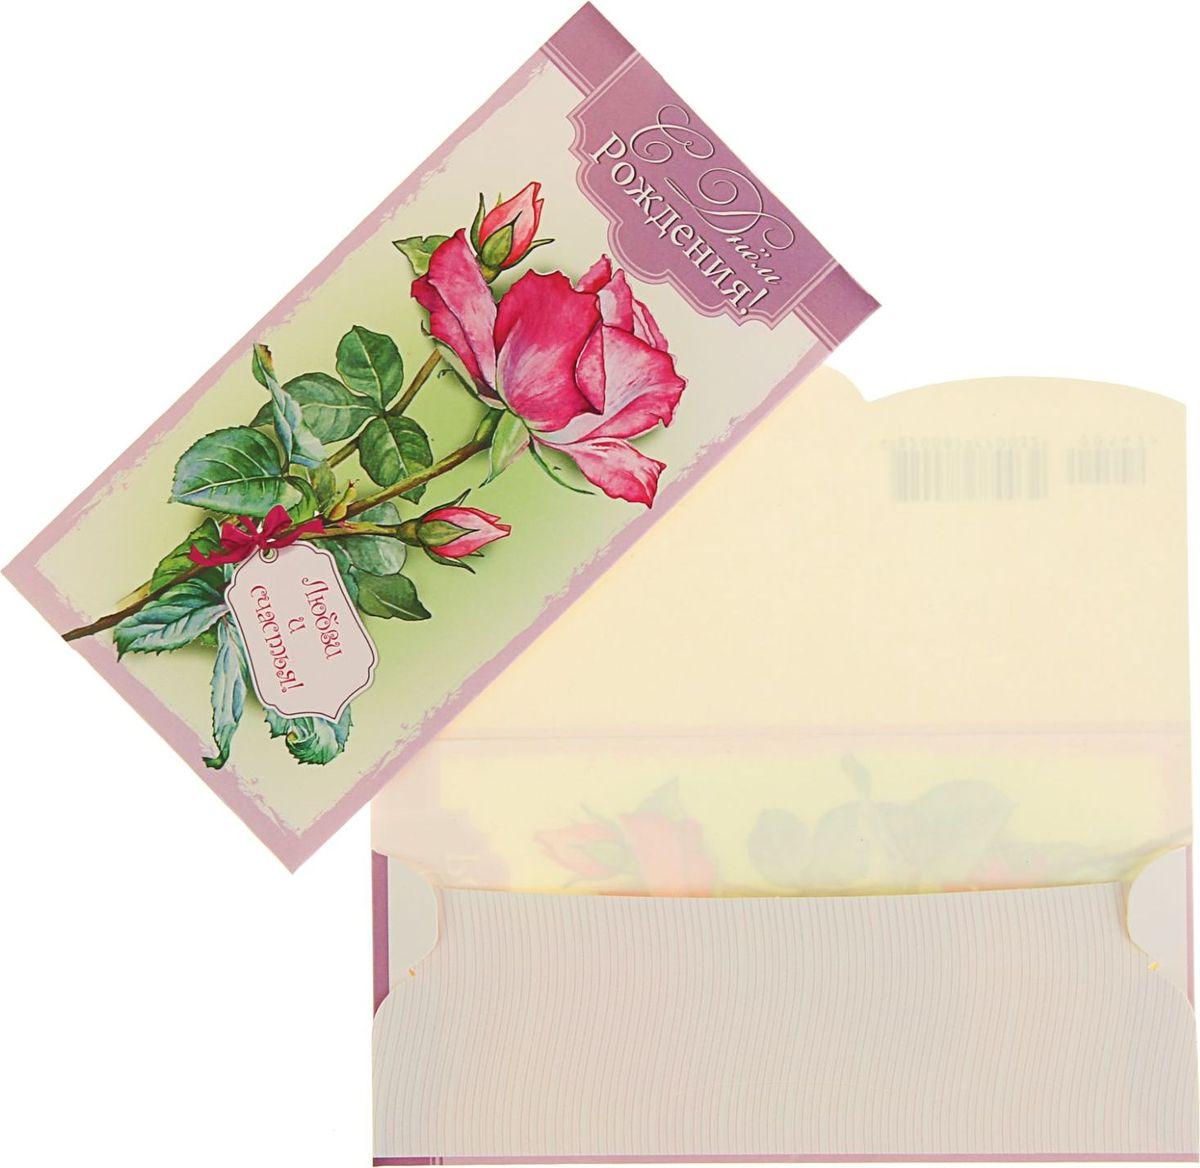 Конверт для денег Эдельвейс С Днем Рождения! Розовая роза, 17 х 8,8 см1734983Невозможно представить нашу жизнь без праздников! Мы всегда ждём их и предвкушаем, обдумываем, как проведём памятный день, тщательно выбираем подарки и аксессуары, ведь именно они создают и поддерживают торжественный настрой. Этот конверт для денег - отличный выбор, который привнесёт атмосферу праздника в ваш дом!